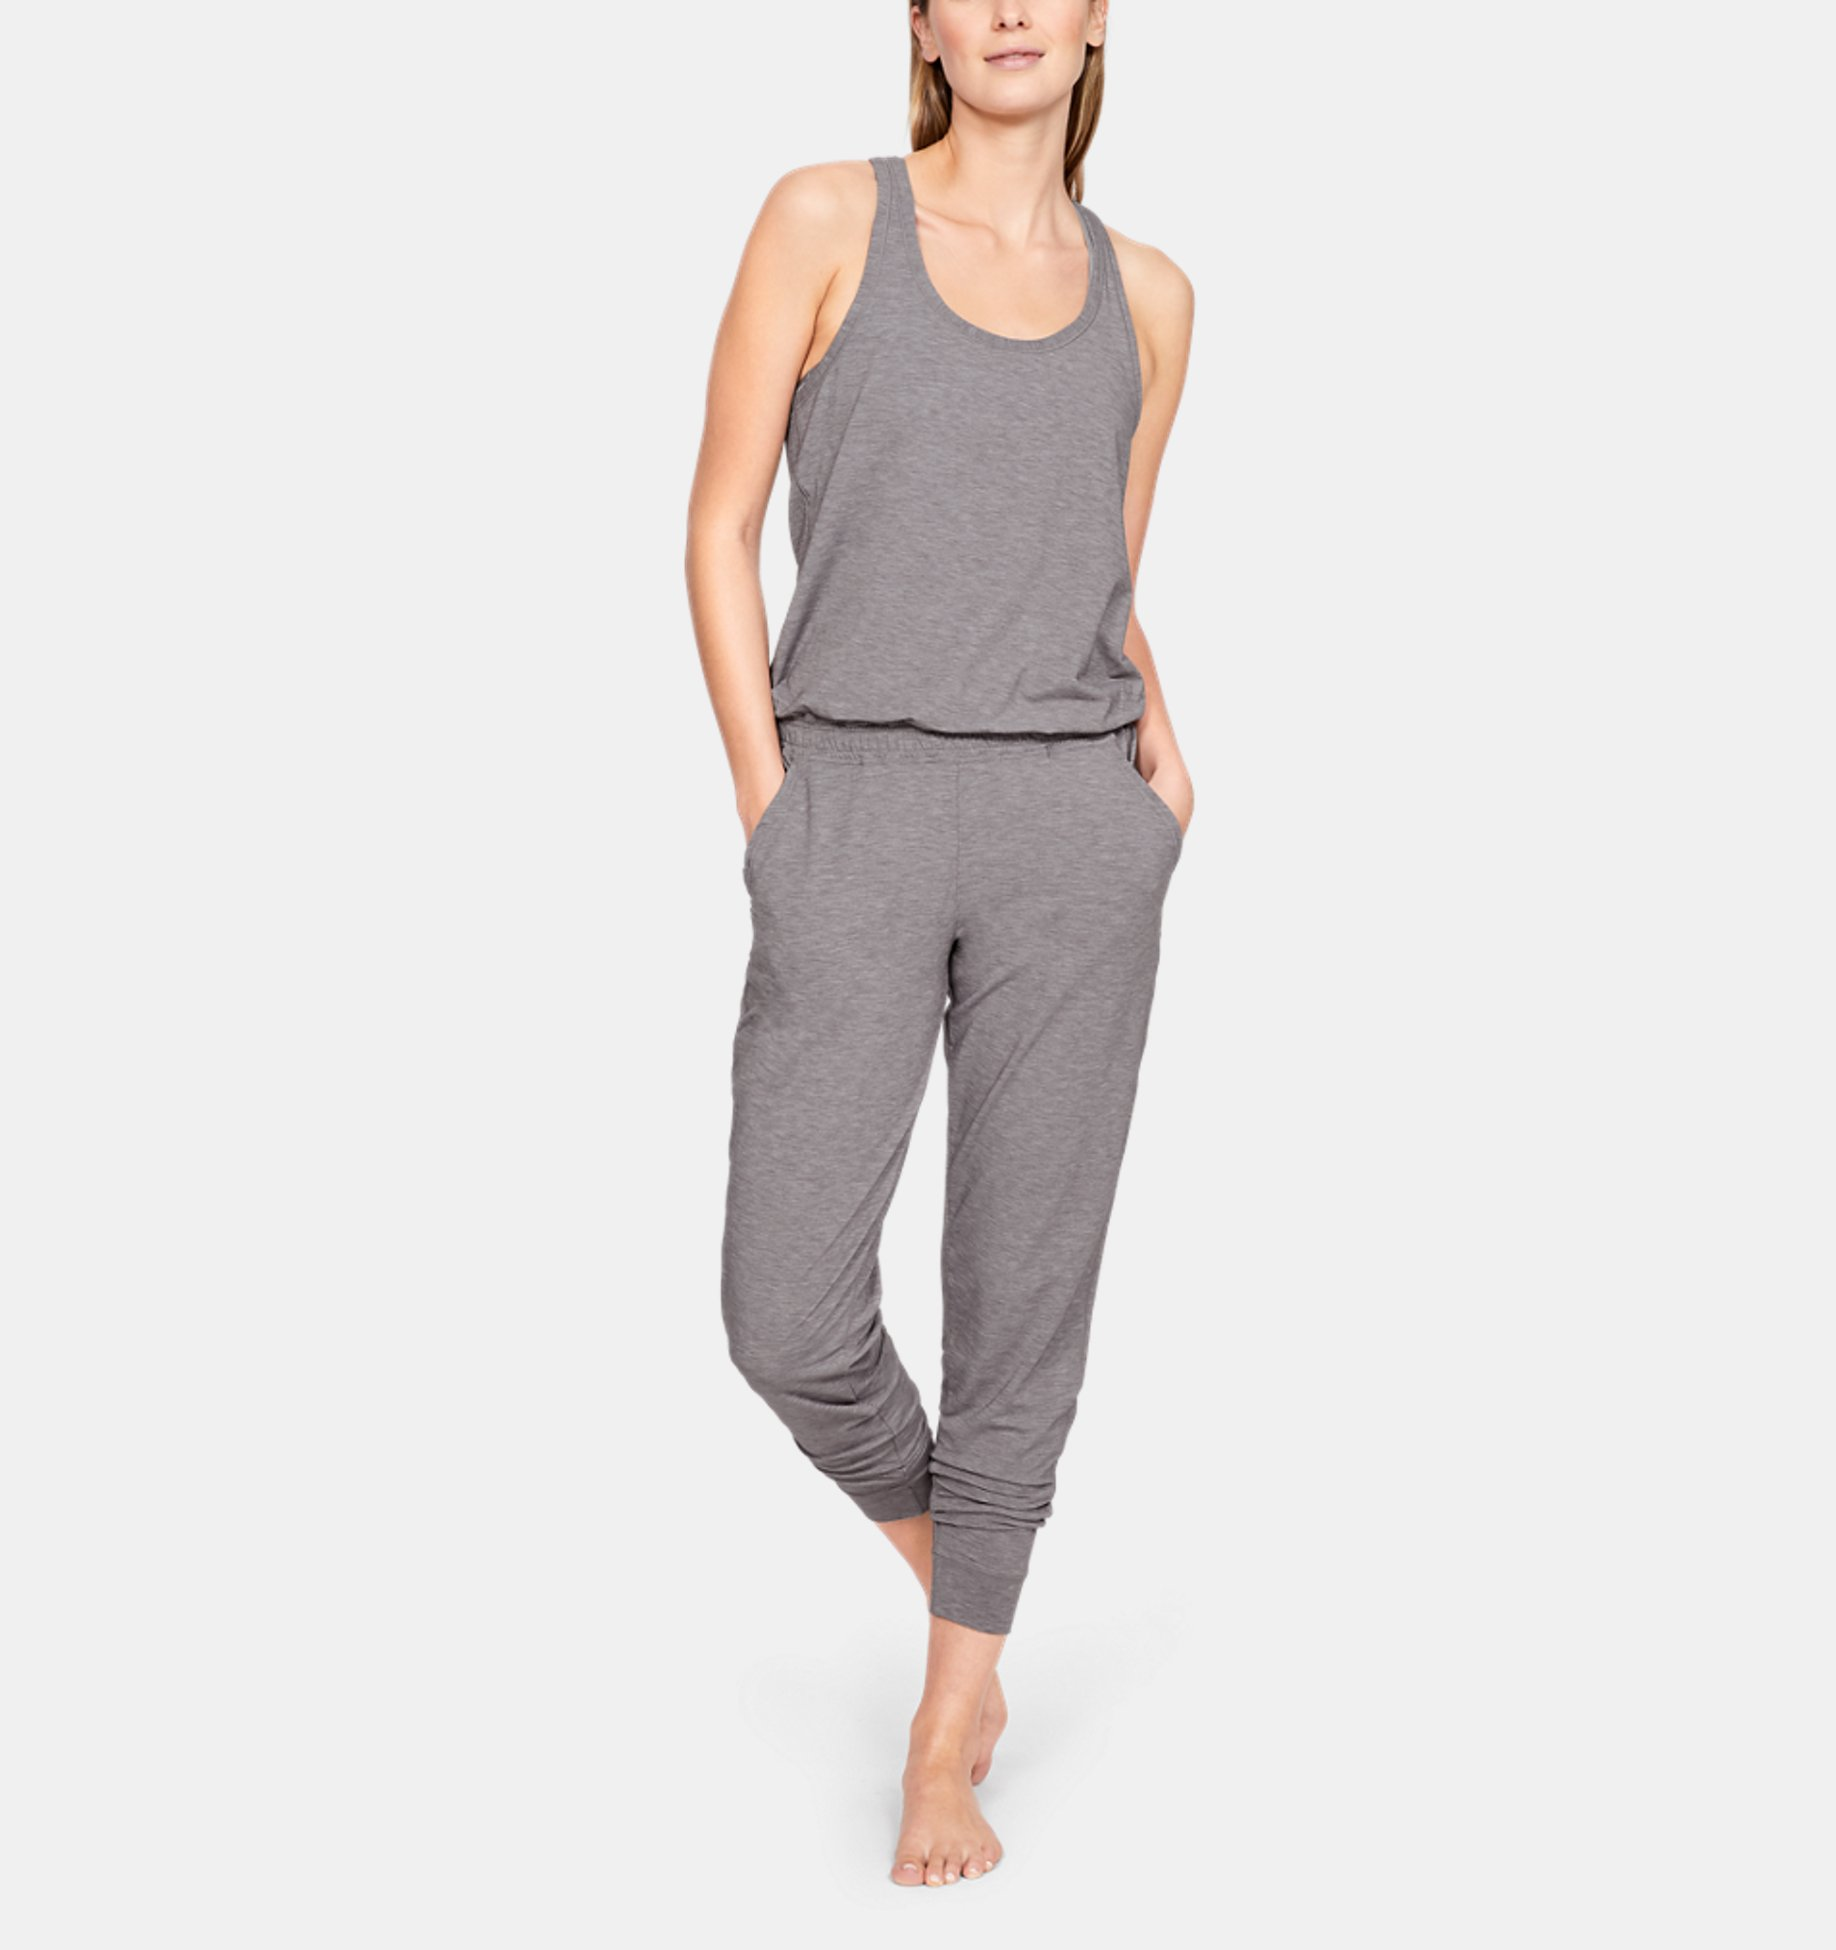 bdf0b51c3e0f Mono Athlete Recovery Sleepwear™ para mujer   Under Armour ES